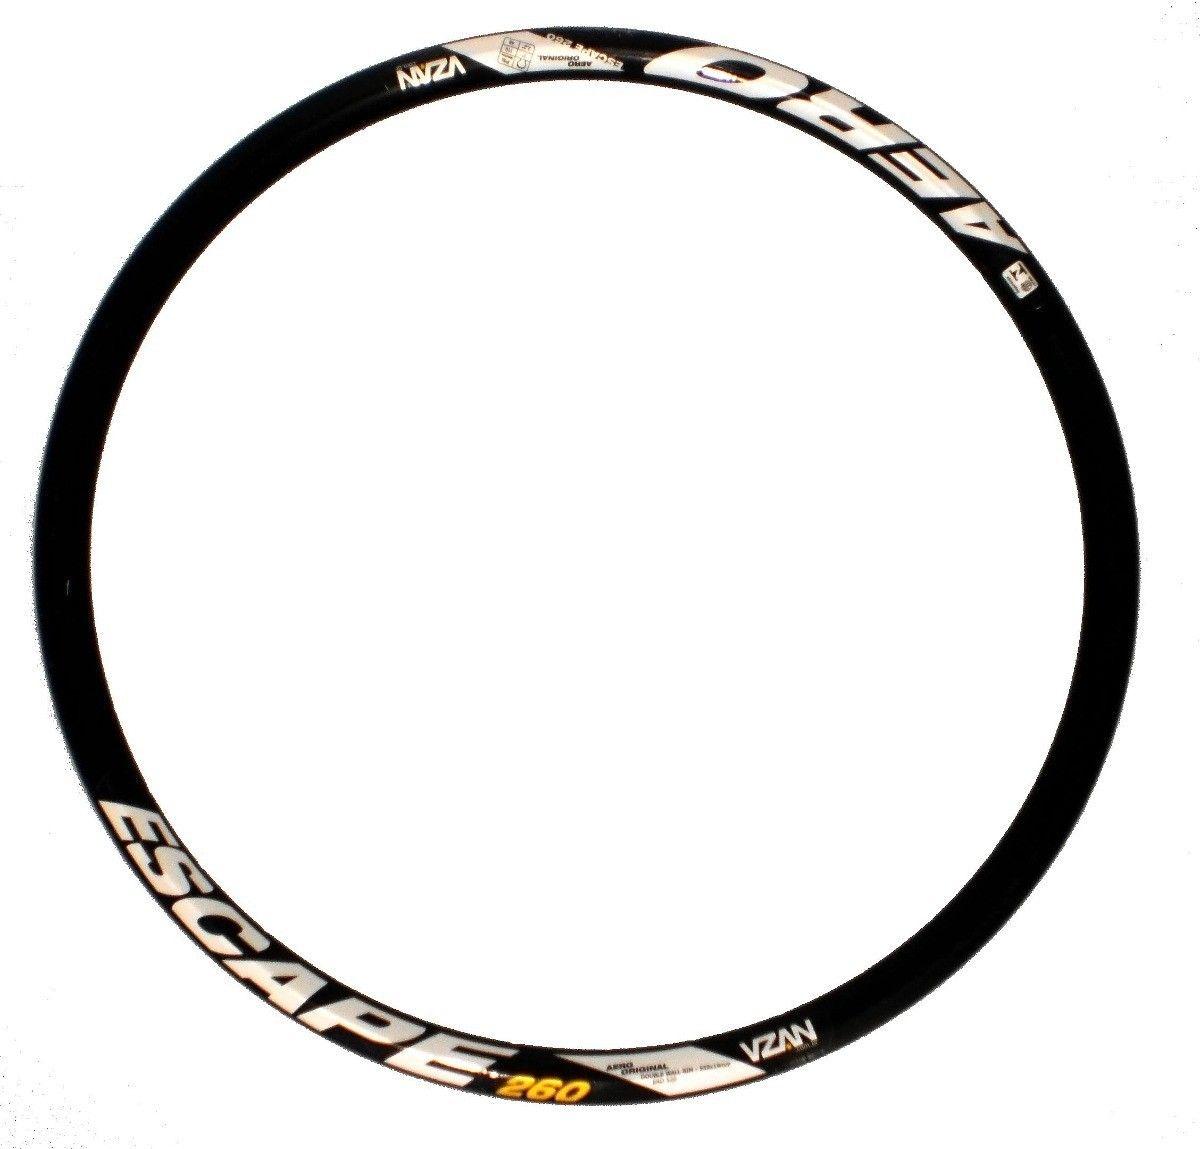 Aro Vzan 26 Bicicleta Aero Escape 36 Furos Disc